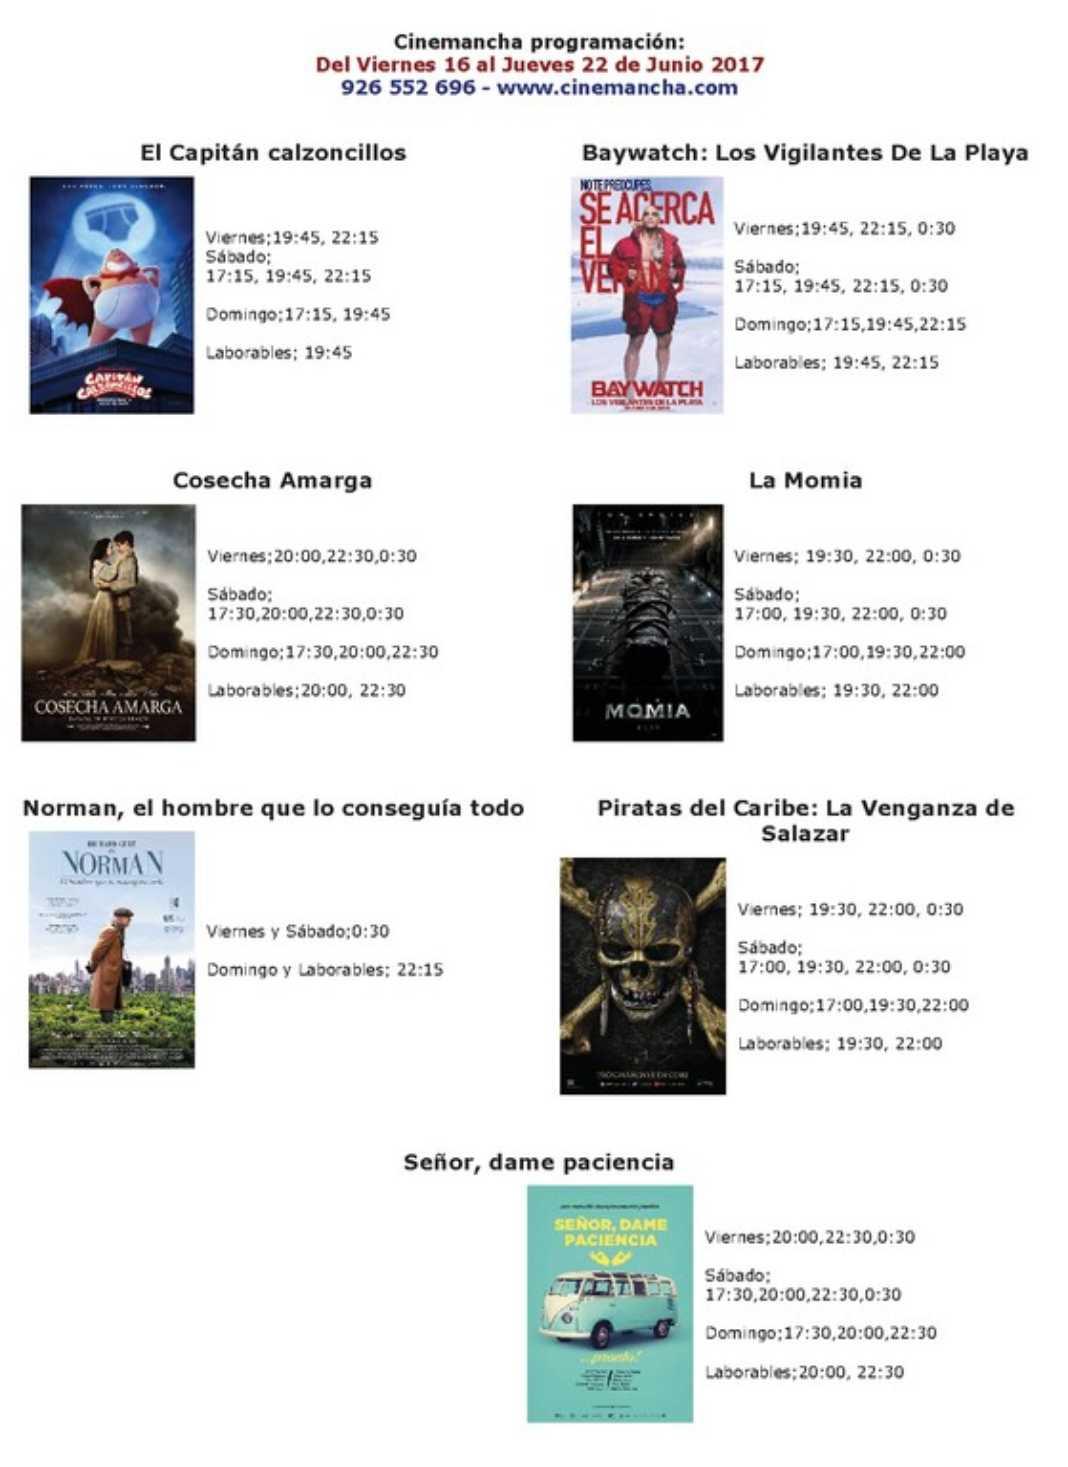 Cartelera Cinemancha del viernes 16 al jueves 22 de junio. 2